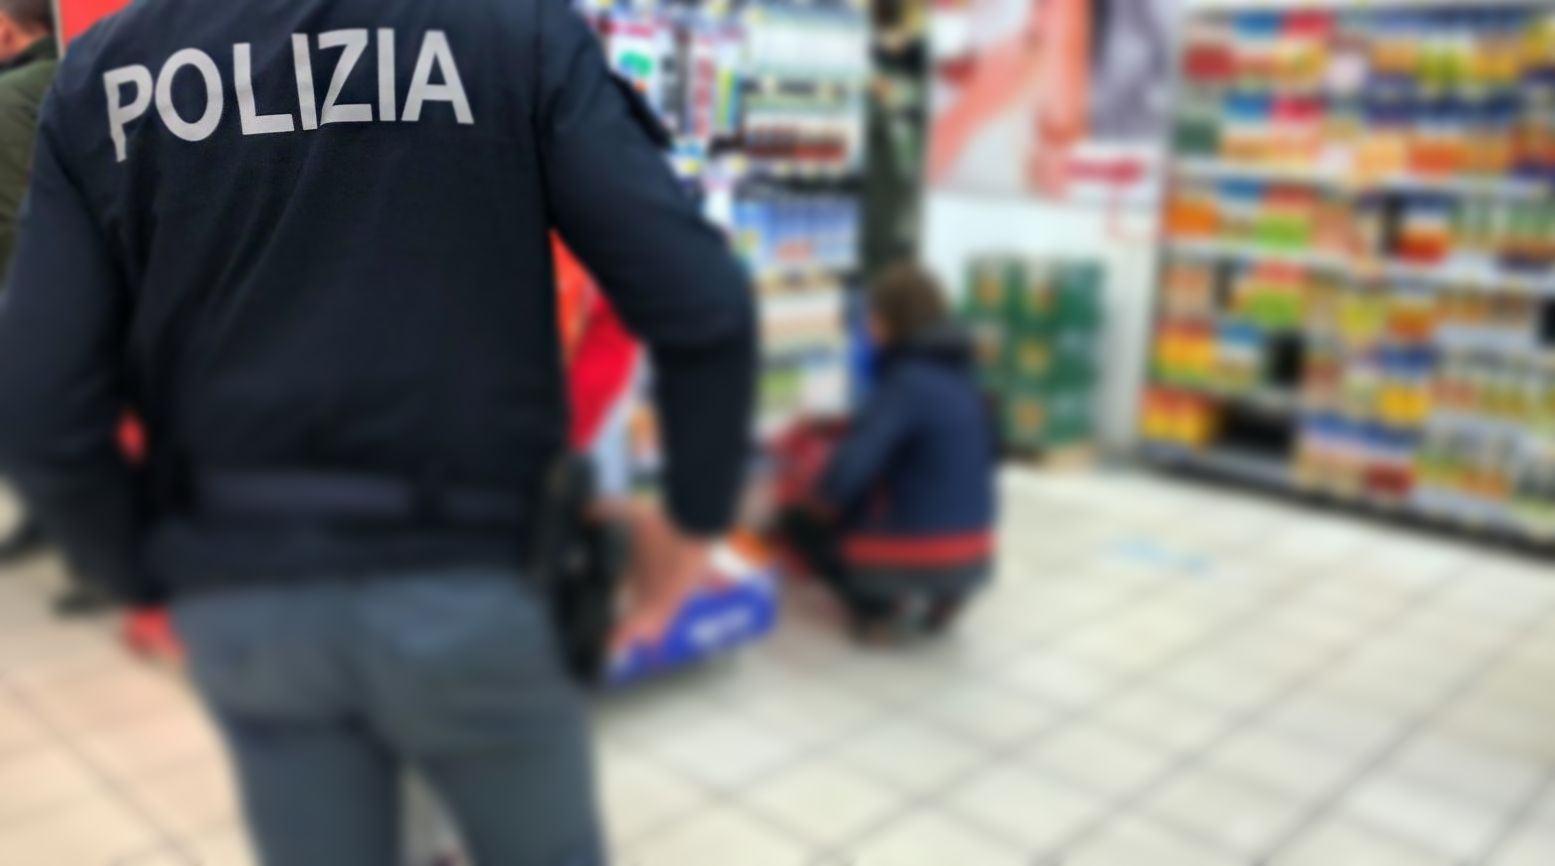 Ruba capi in un negozio, arrestata, a Corciano, straniera di 31 anni